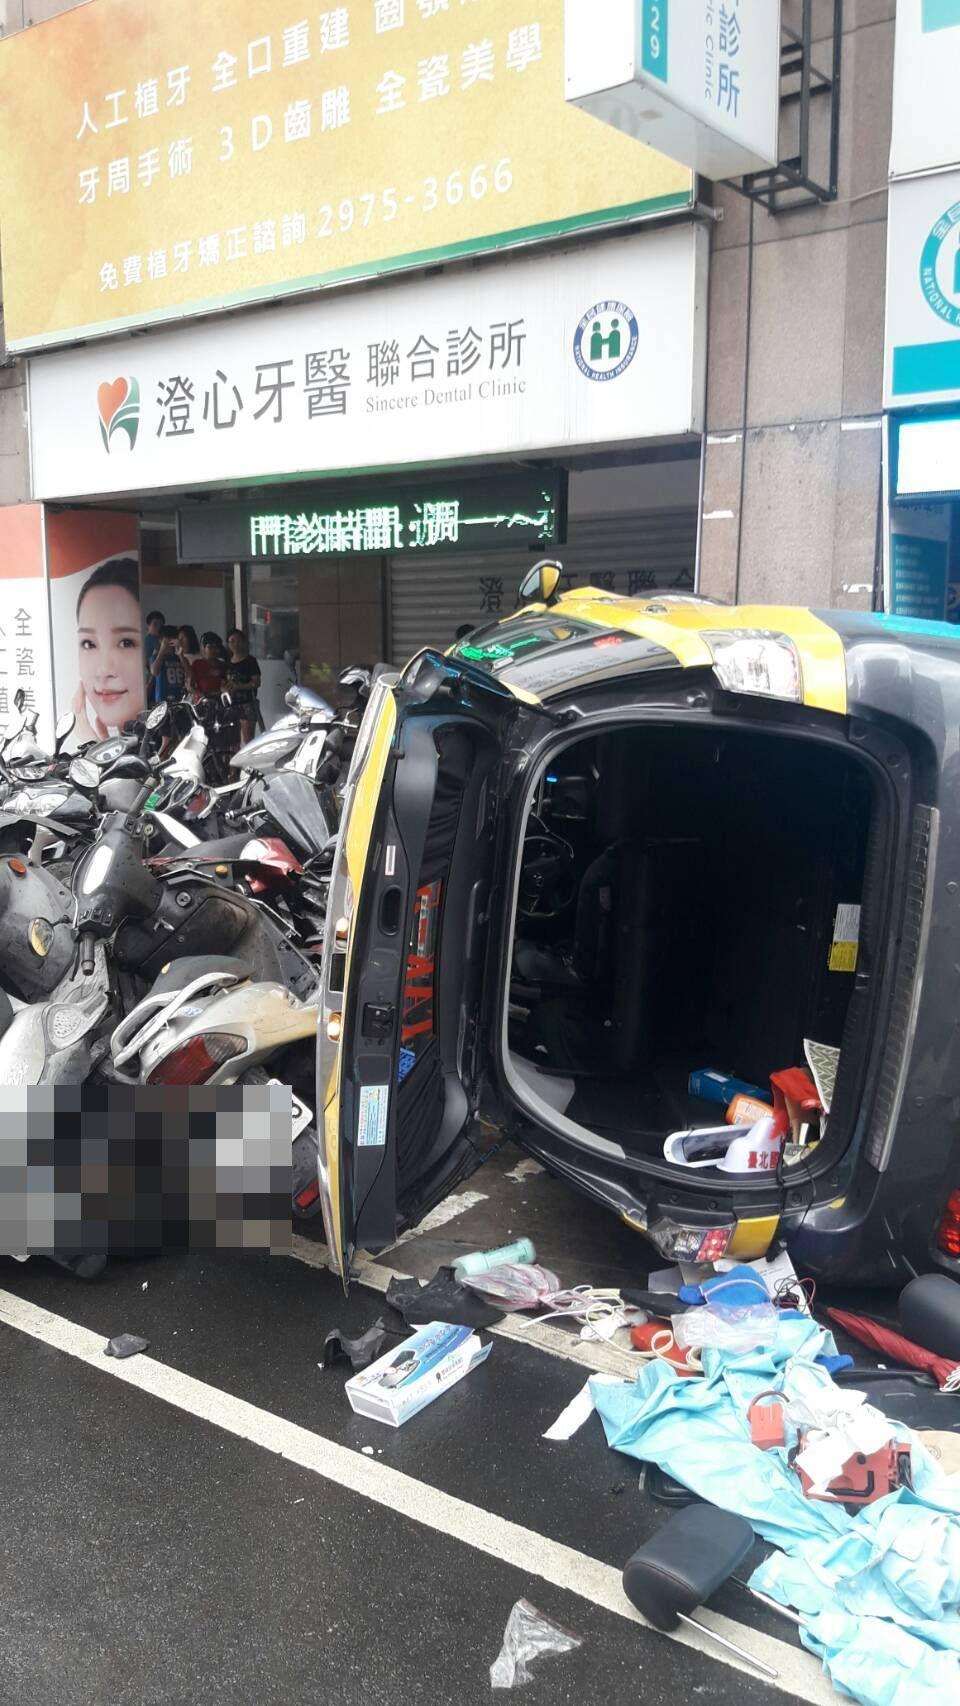 計程車暴衝撞向路旁人行道,撞到1輛行進中的機車造成2人受傷。記者林昭彰/翻攝